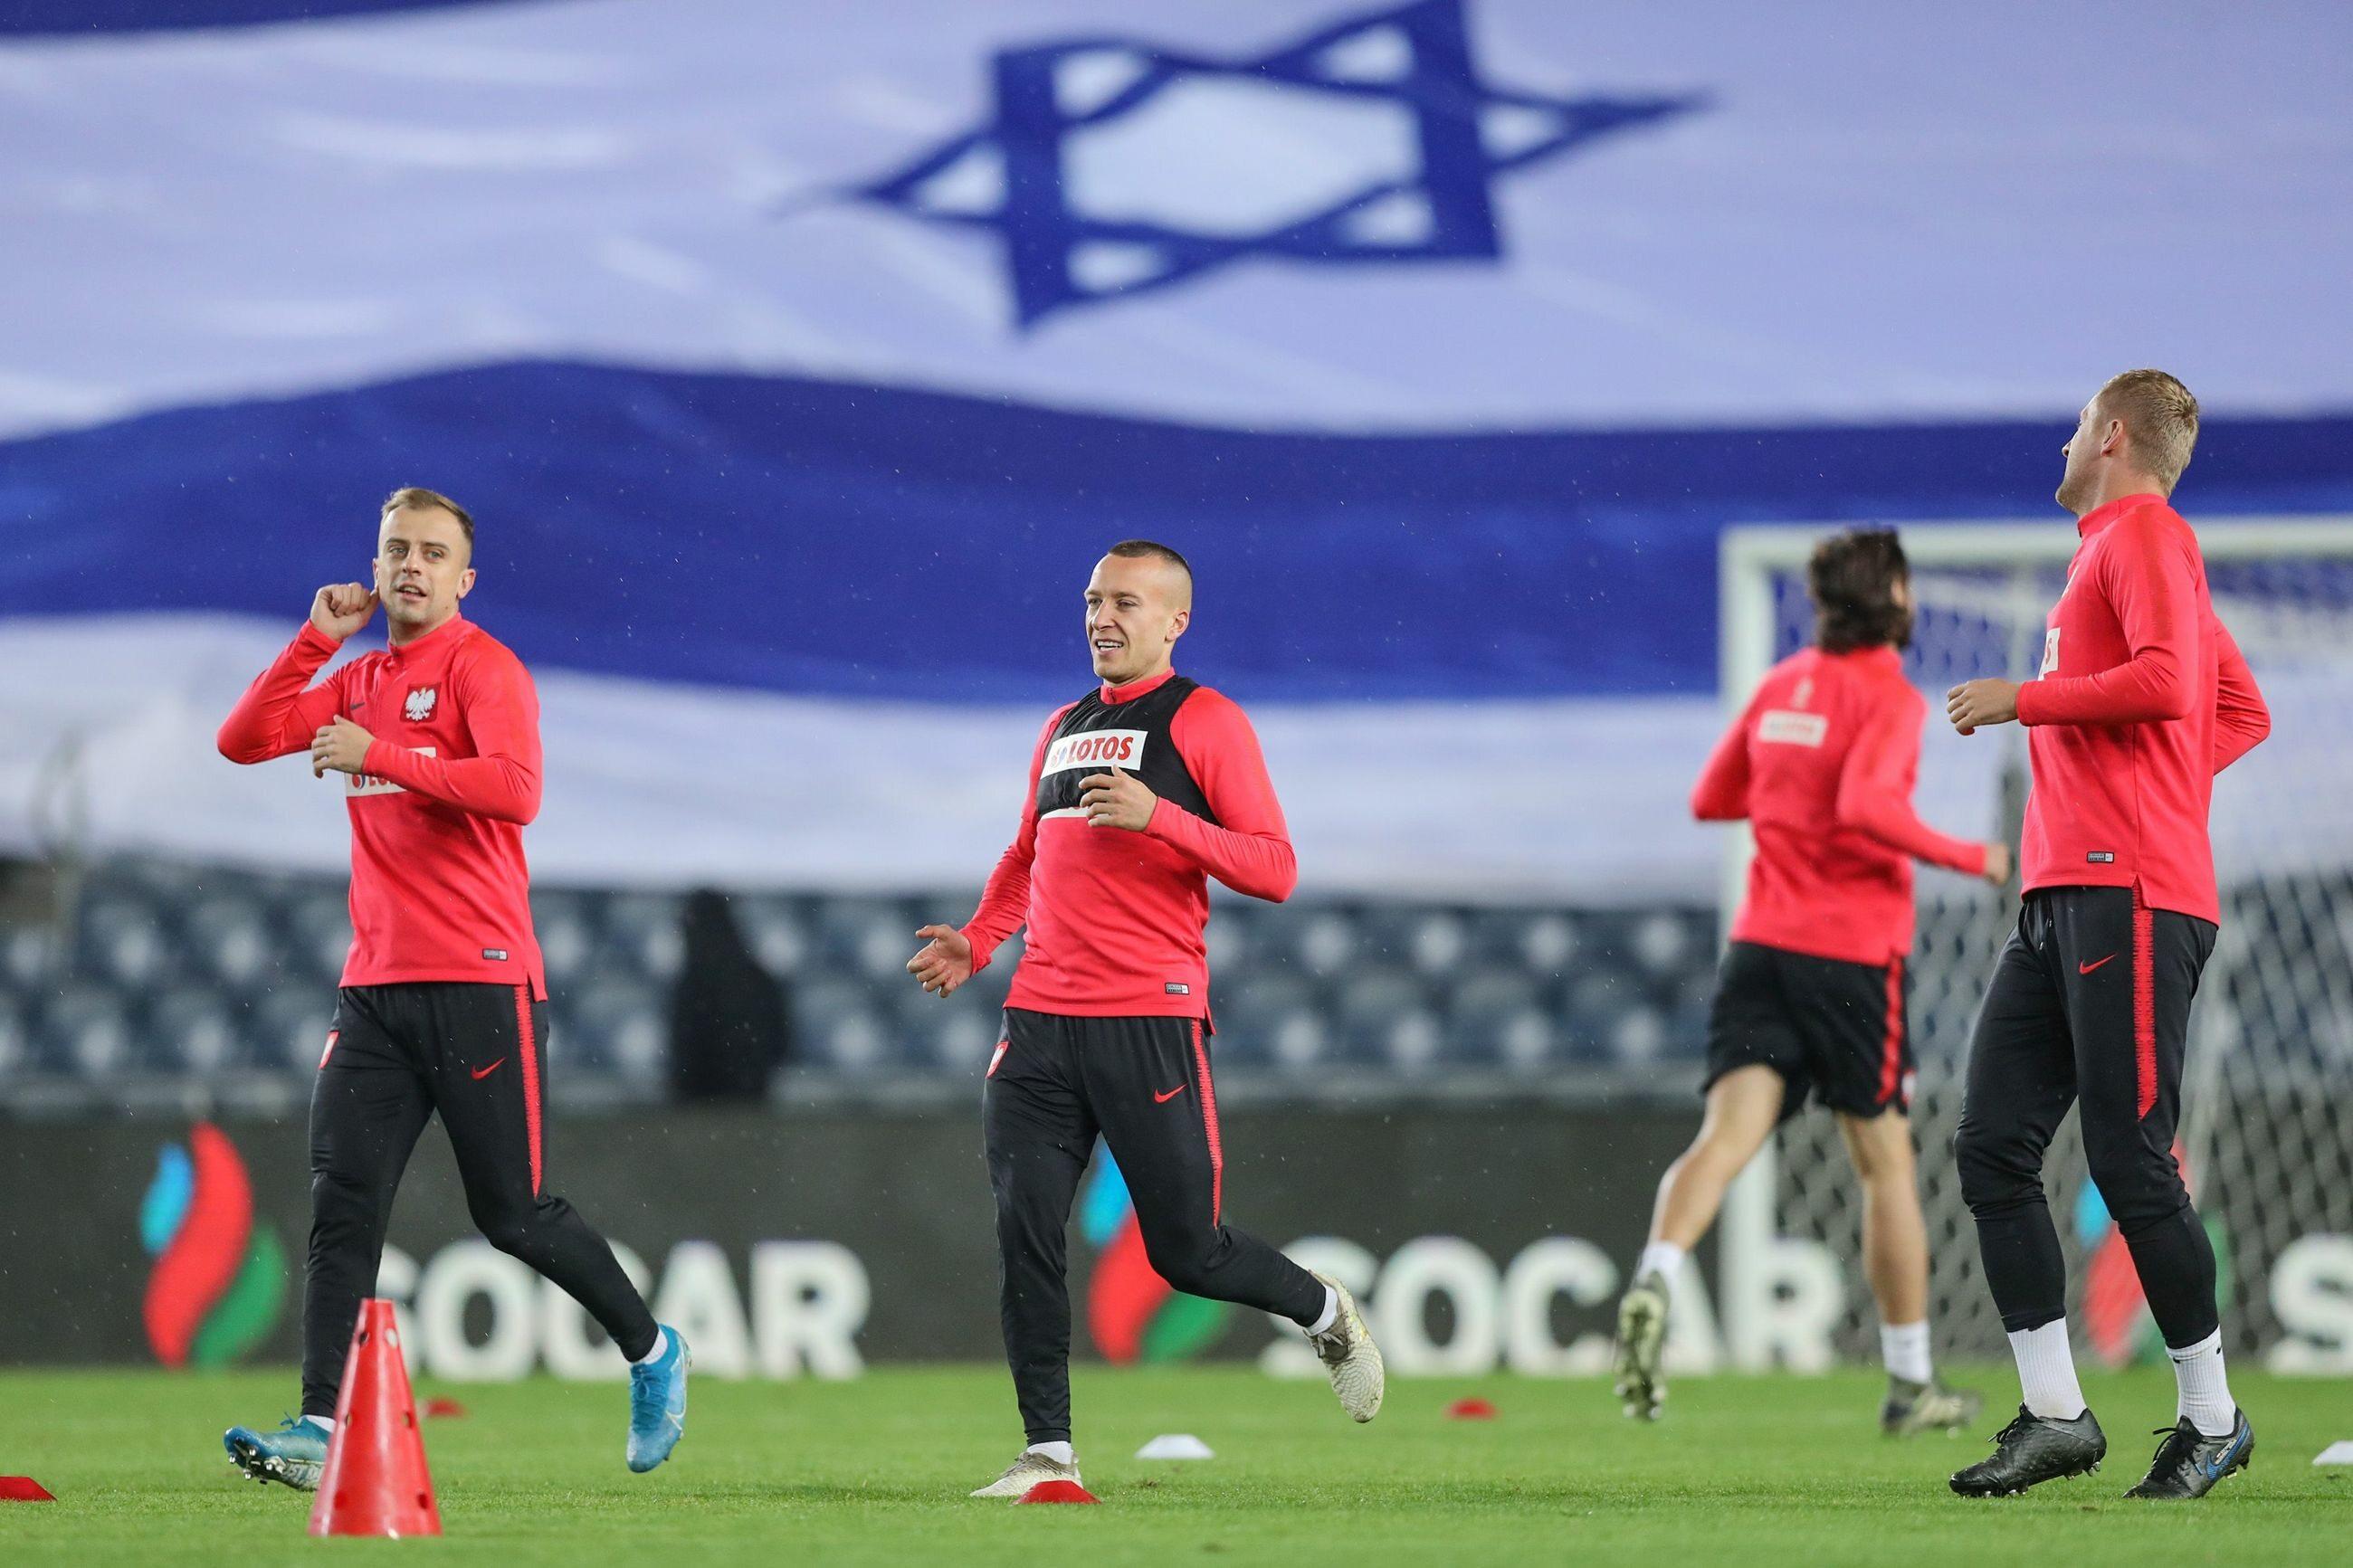 Trening przed meczem Polska - Izrael